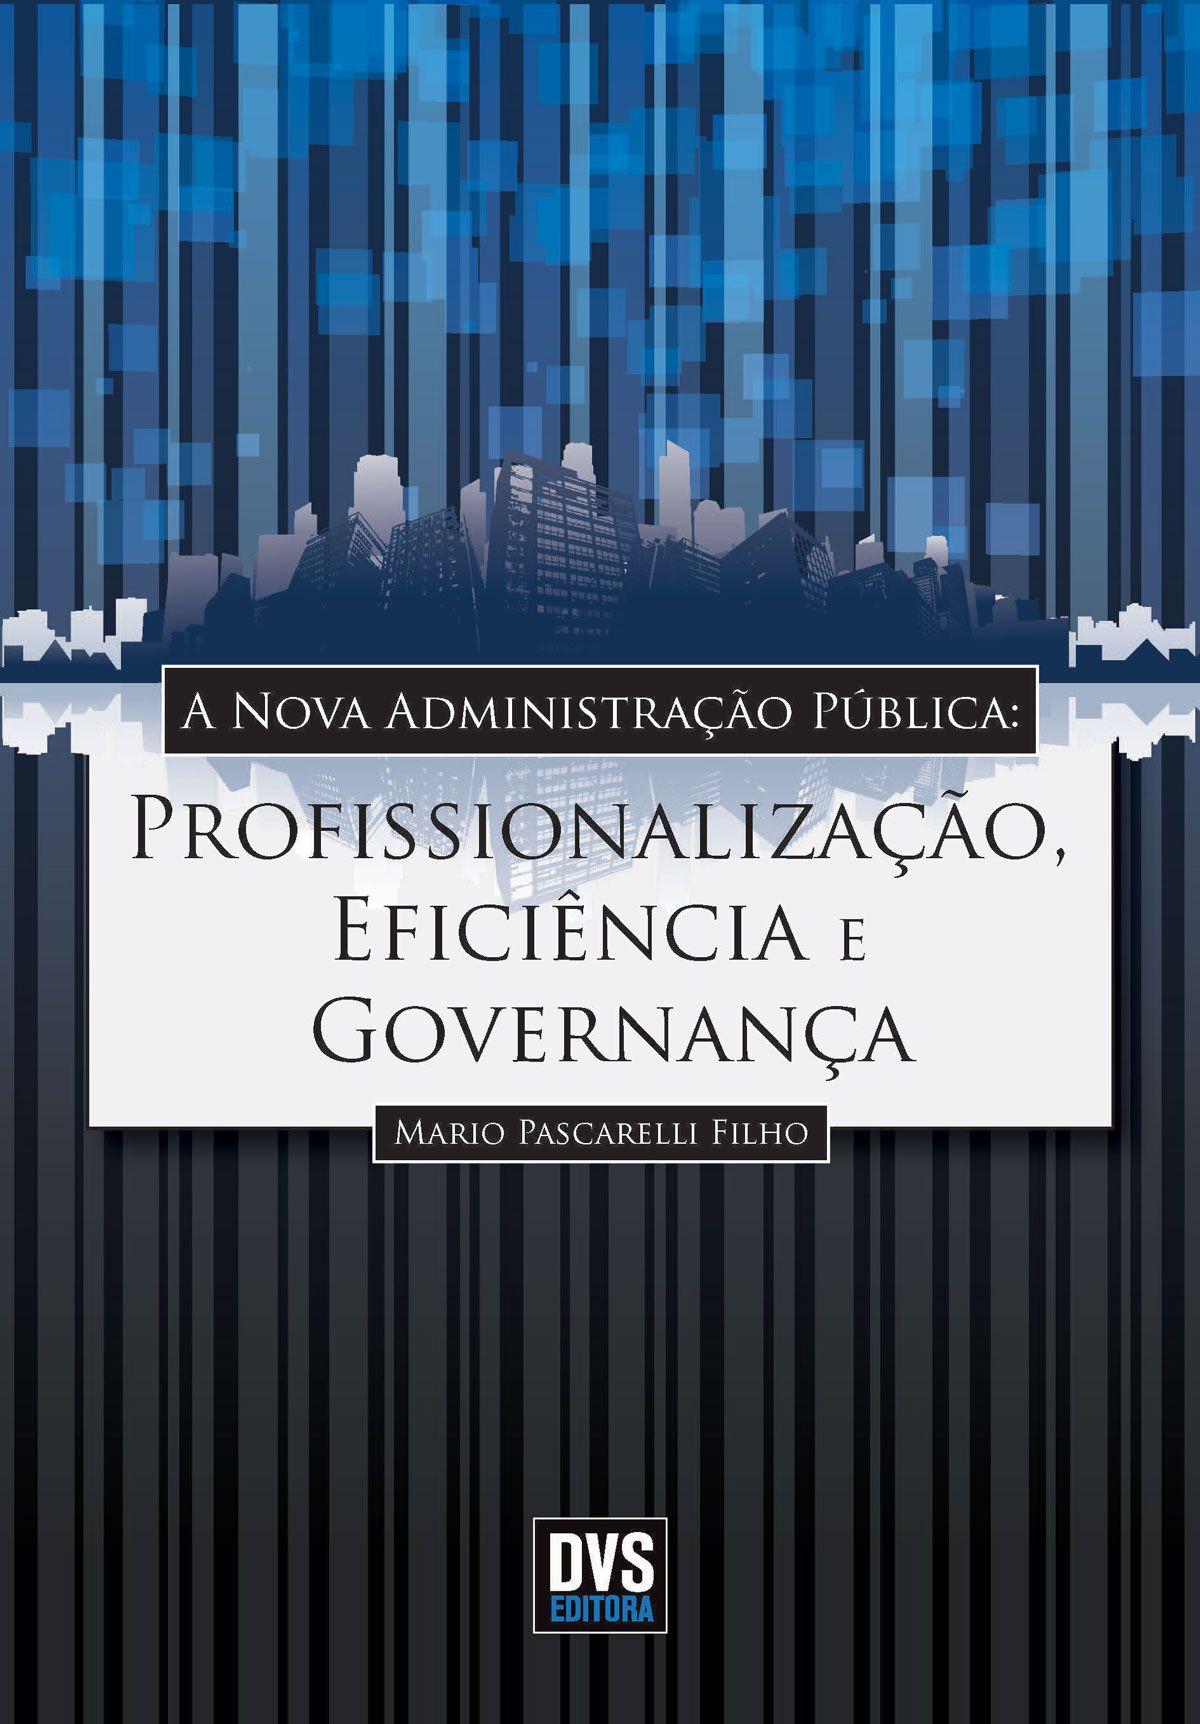 A Nova Administração Pública